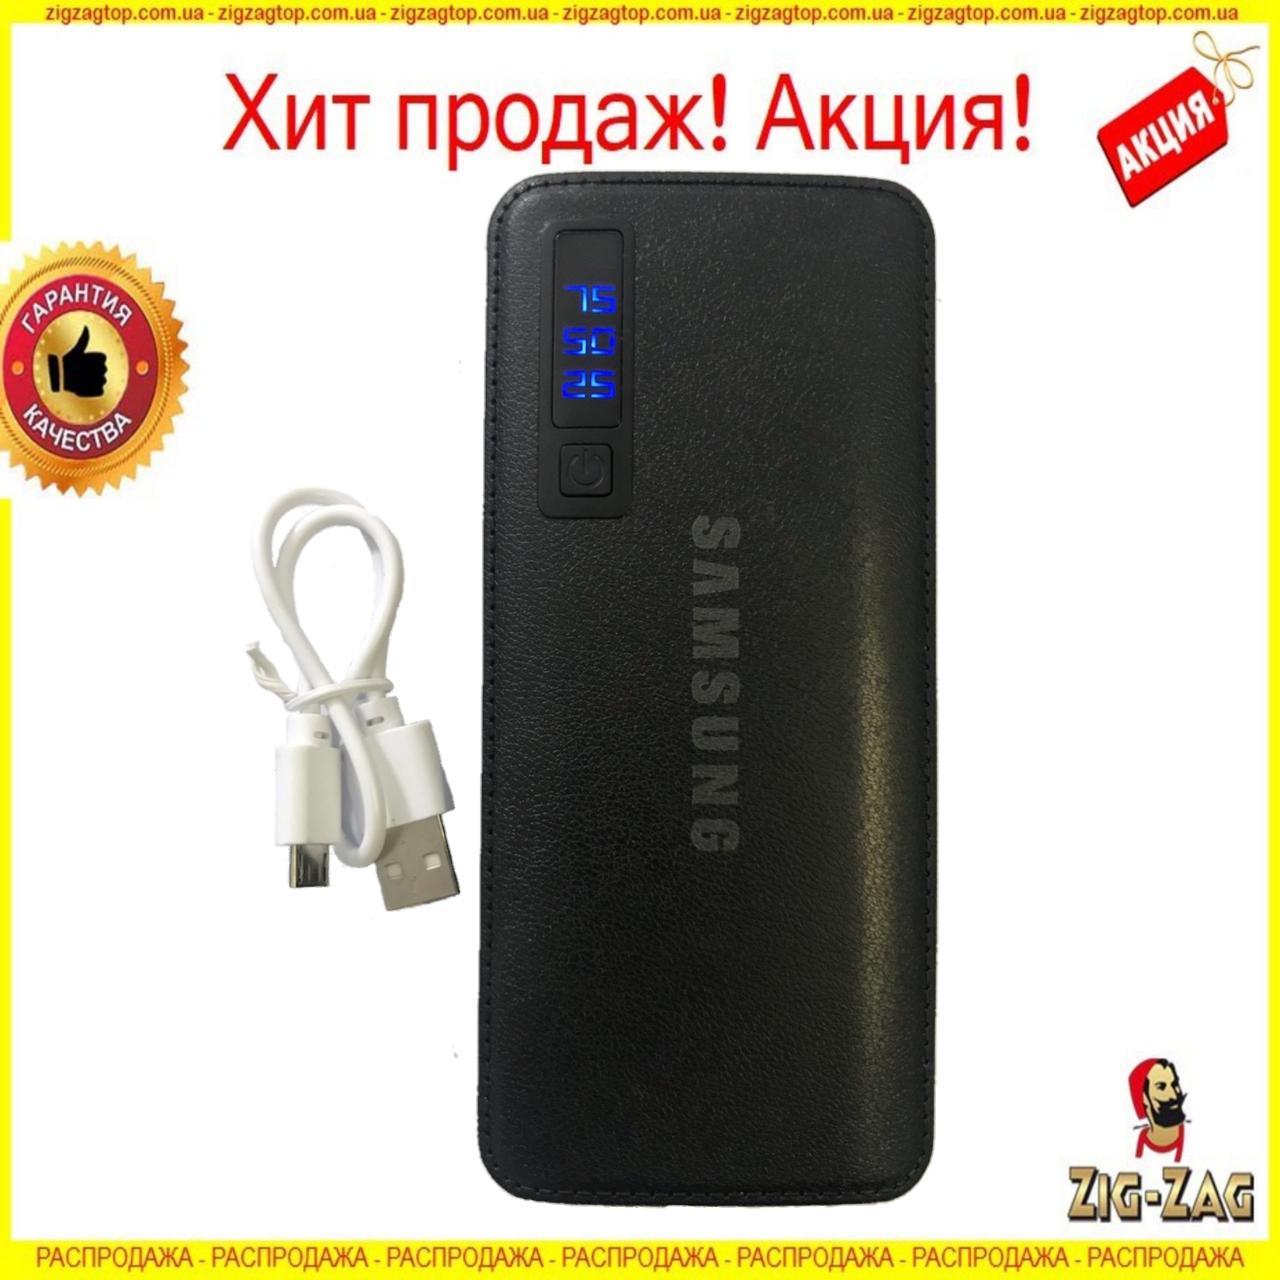 Power Bank 60000mAh МОЩНЫЙ +LED фонарик, 3 USB, Повер Банк универсальная Батарея, Внешний аккумулятор